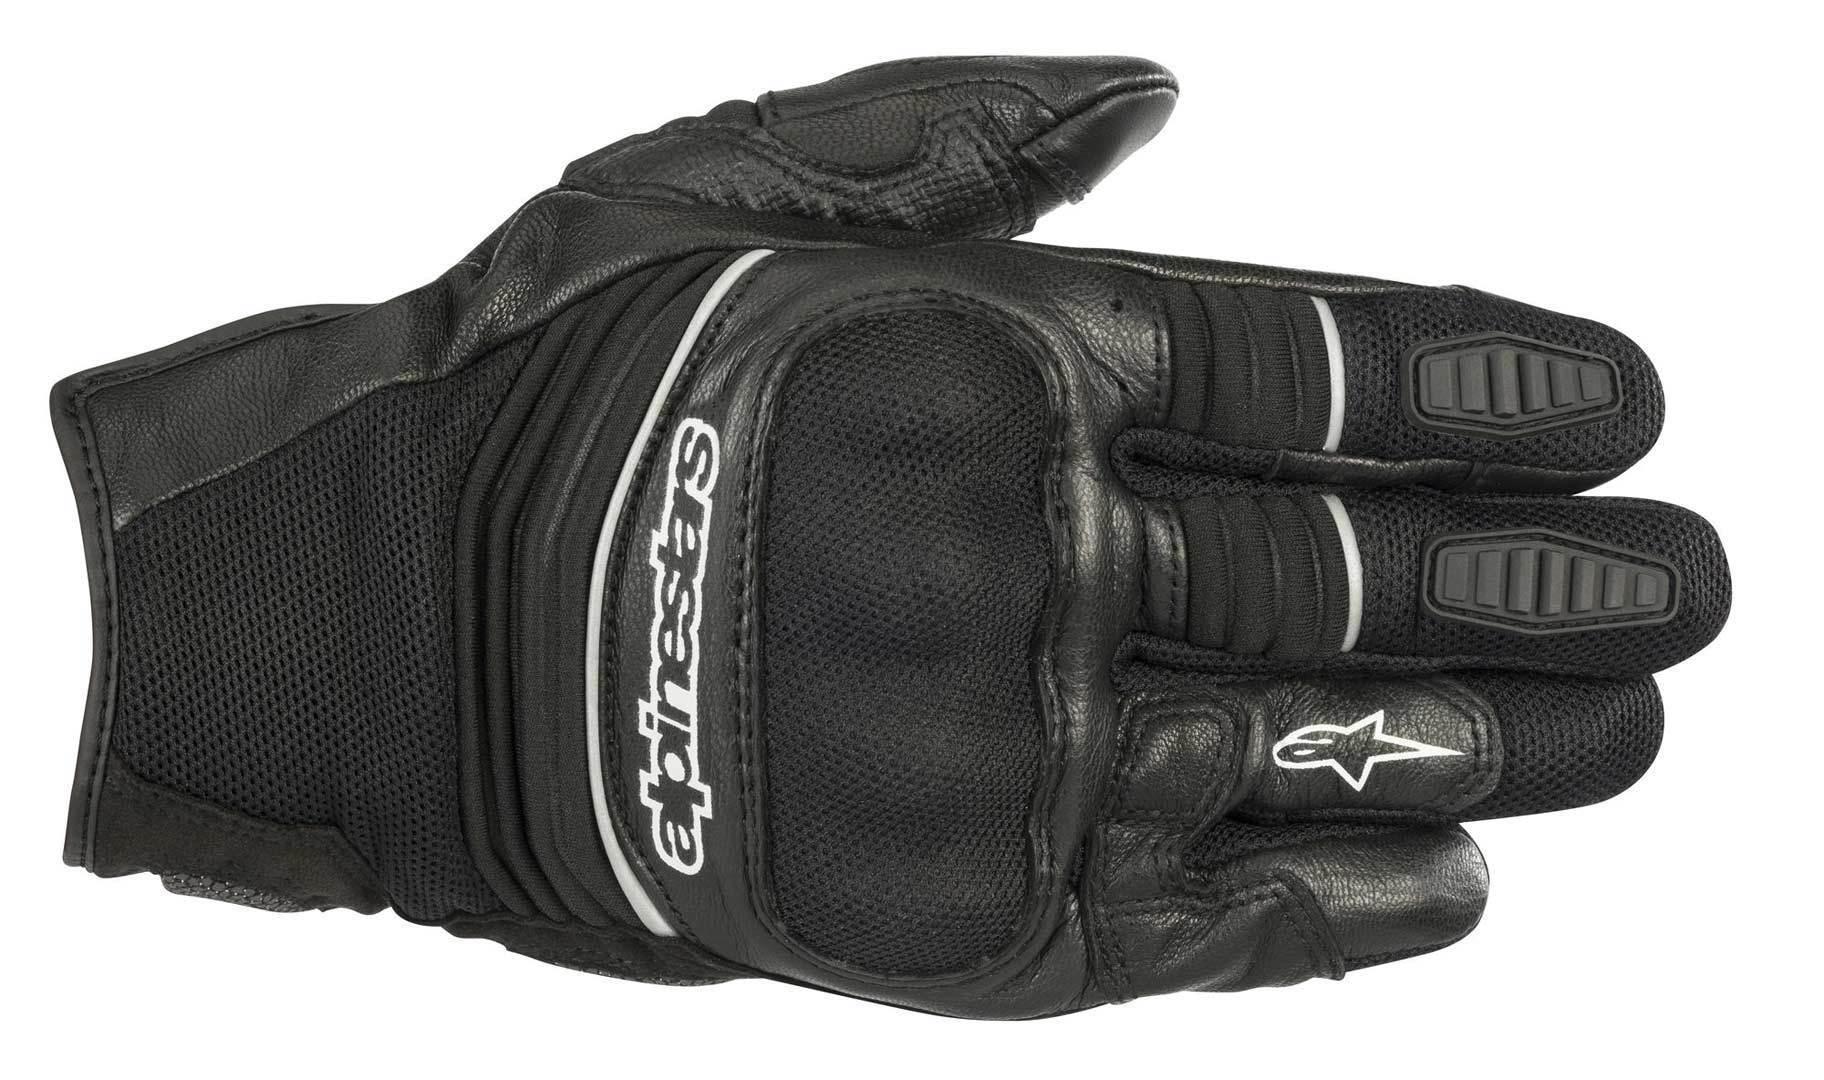 Alpinestars Crosser Motorrad Textil Handschuhe, schwarz, Größe M, schwarz, Größe M